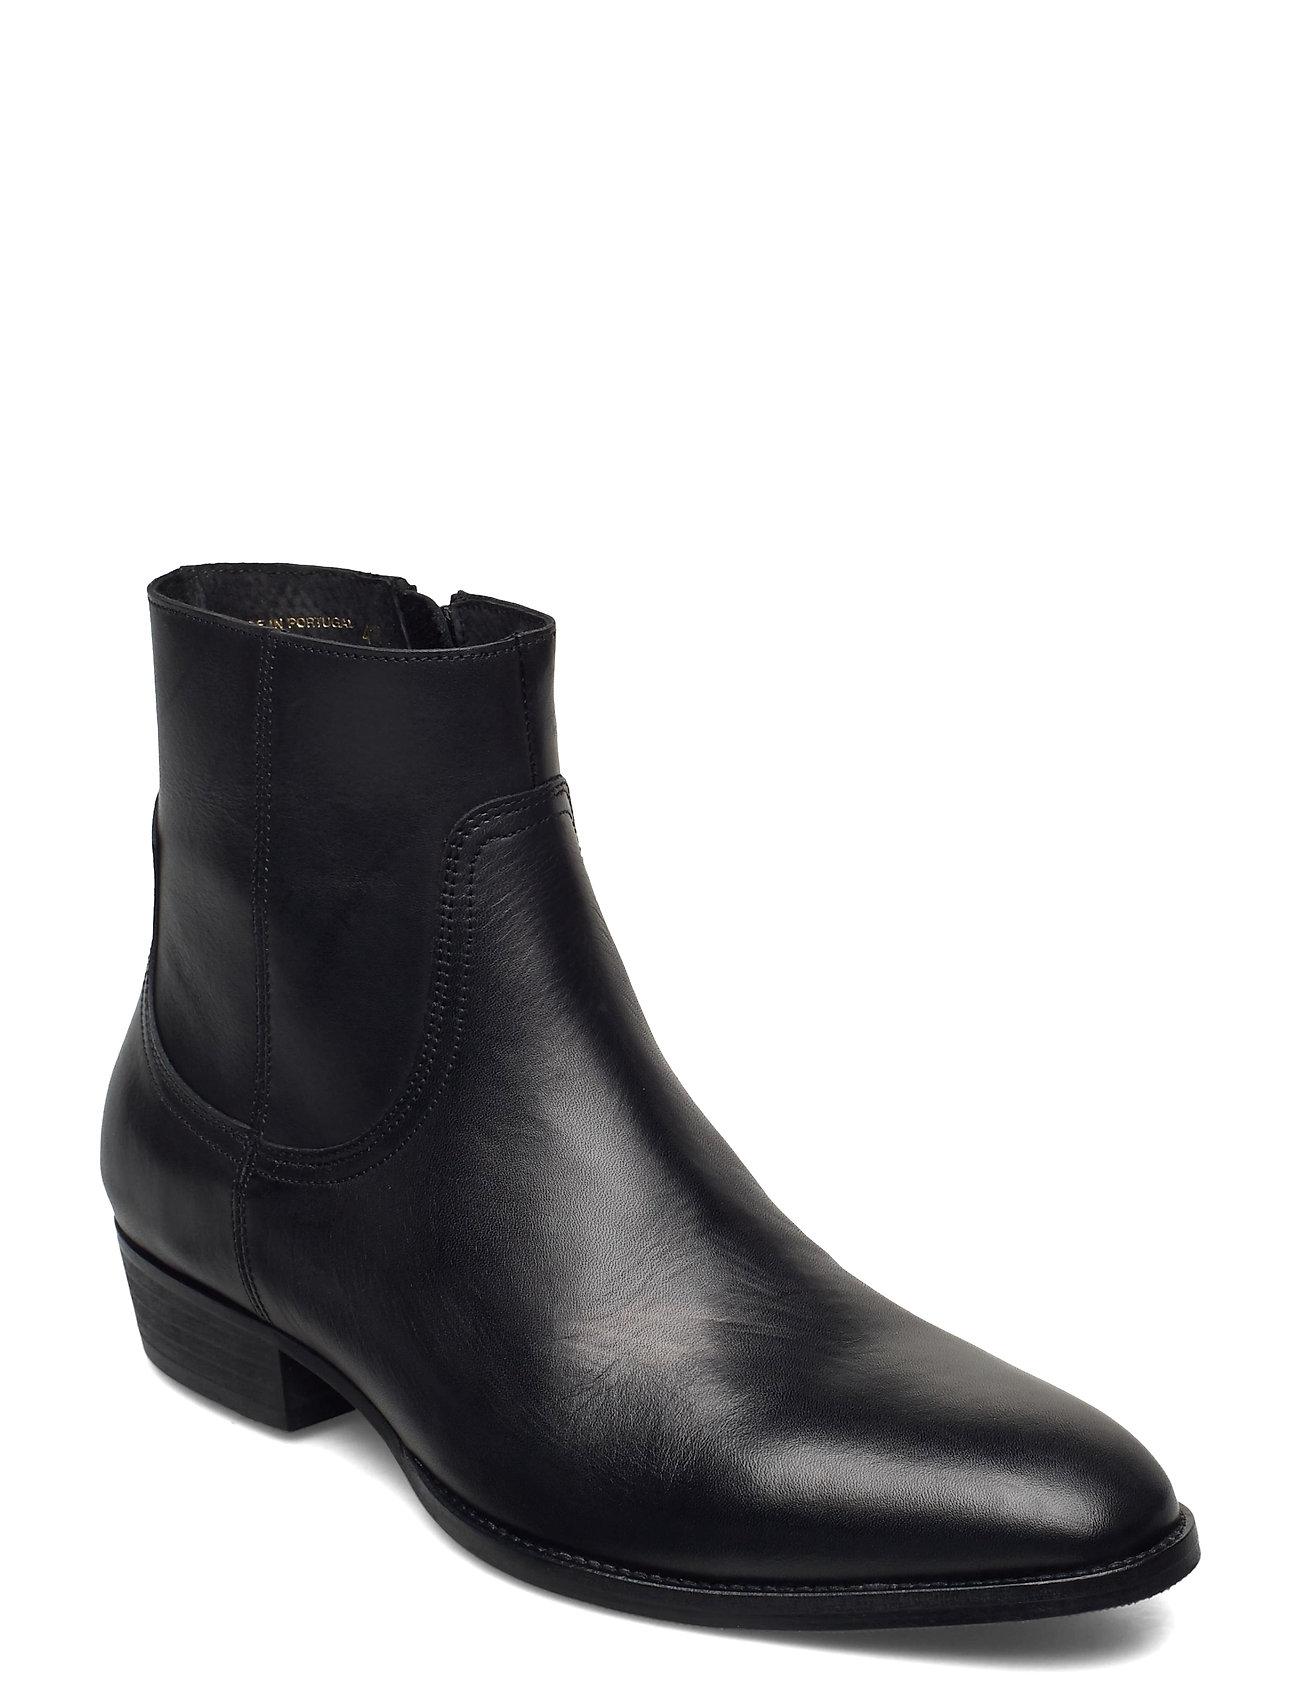 Image of Biabeck Leather Boot Støvlet Chelsea Boot Sort Bianco (3486936593)